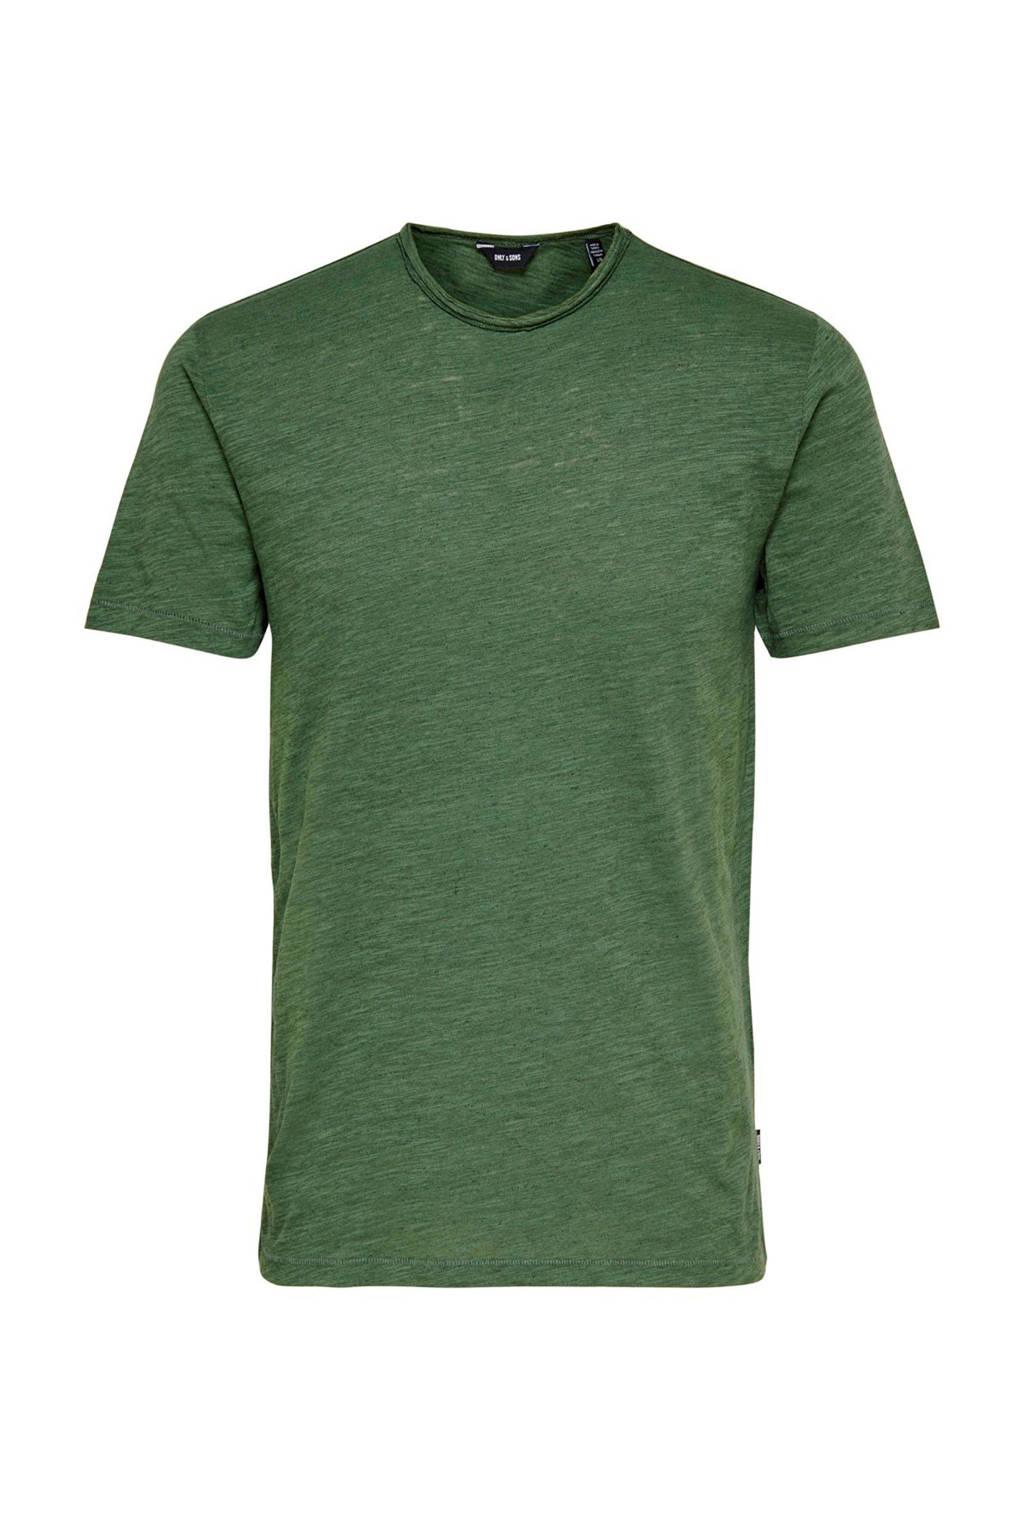 Only & Sons Albert T-shirt, Groen